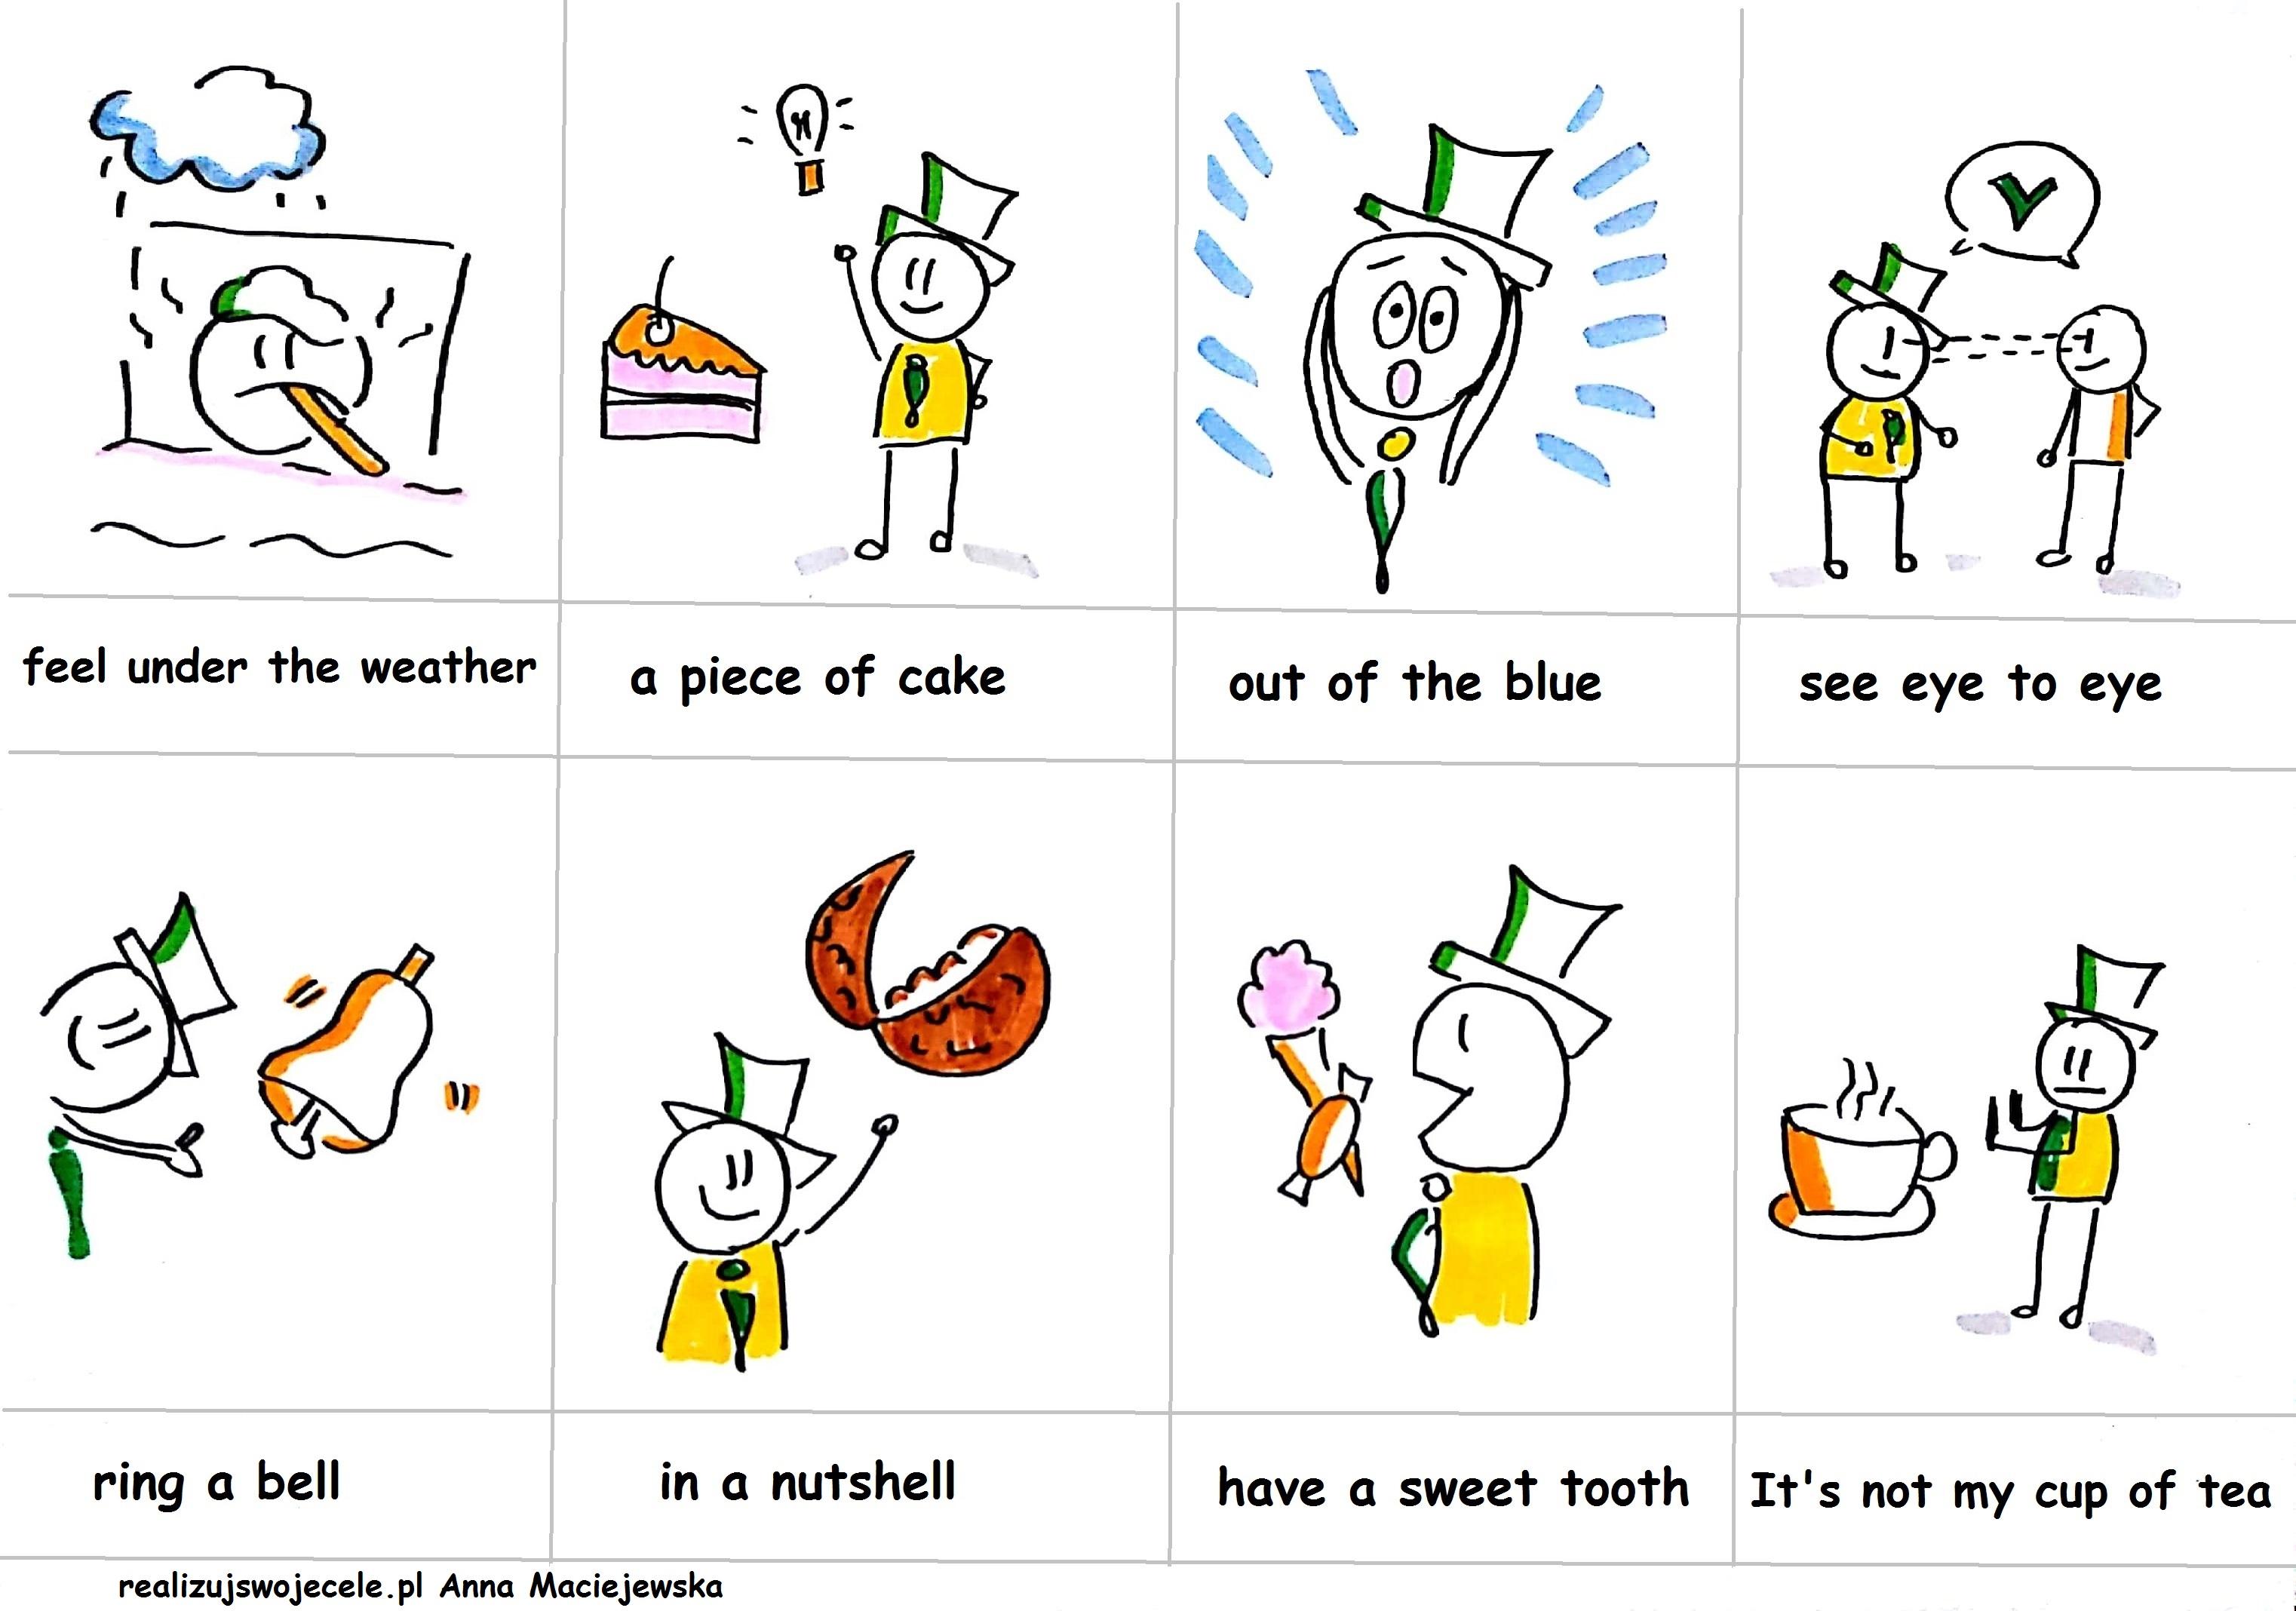 jak uczyć się angielskich idiomów